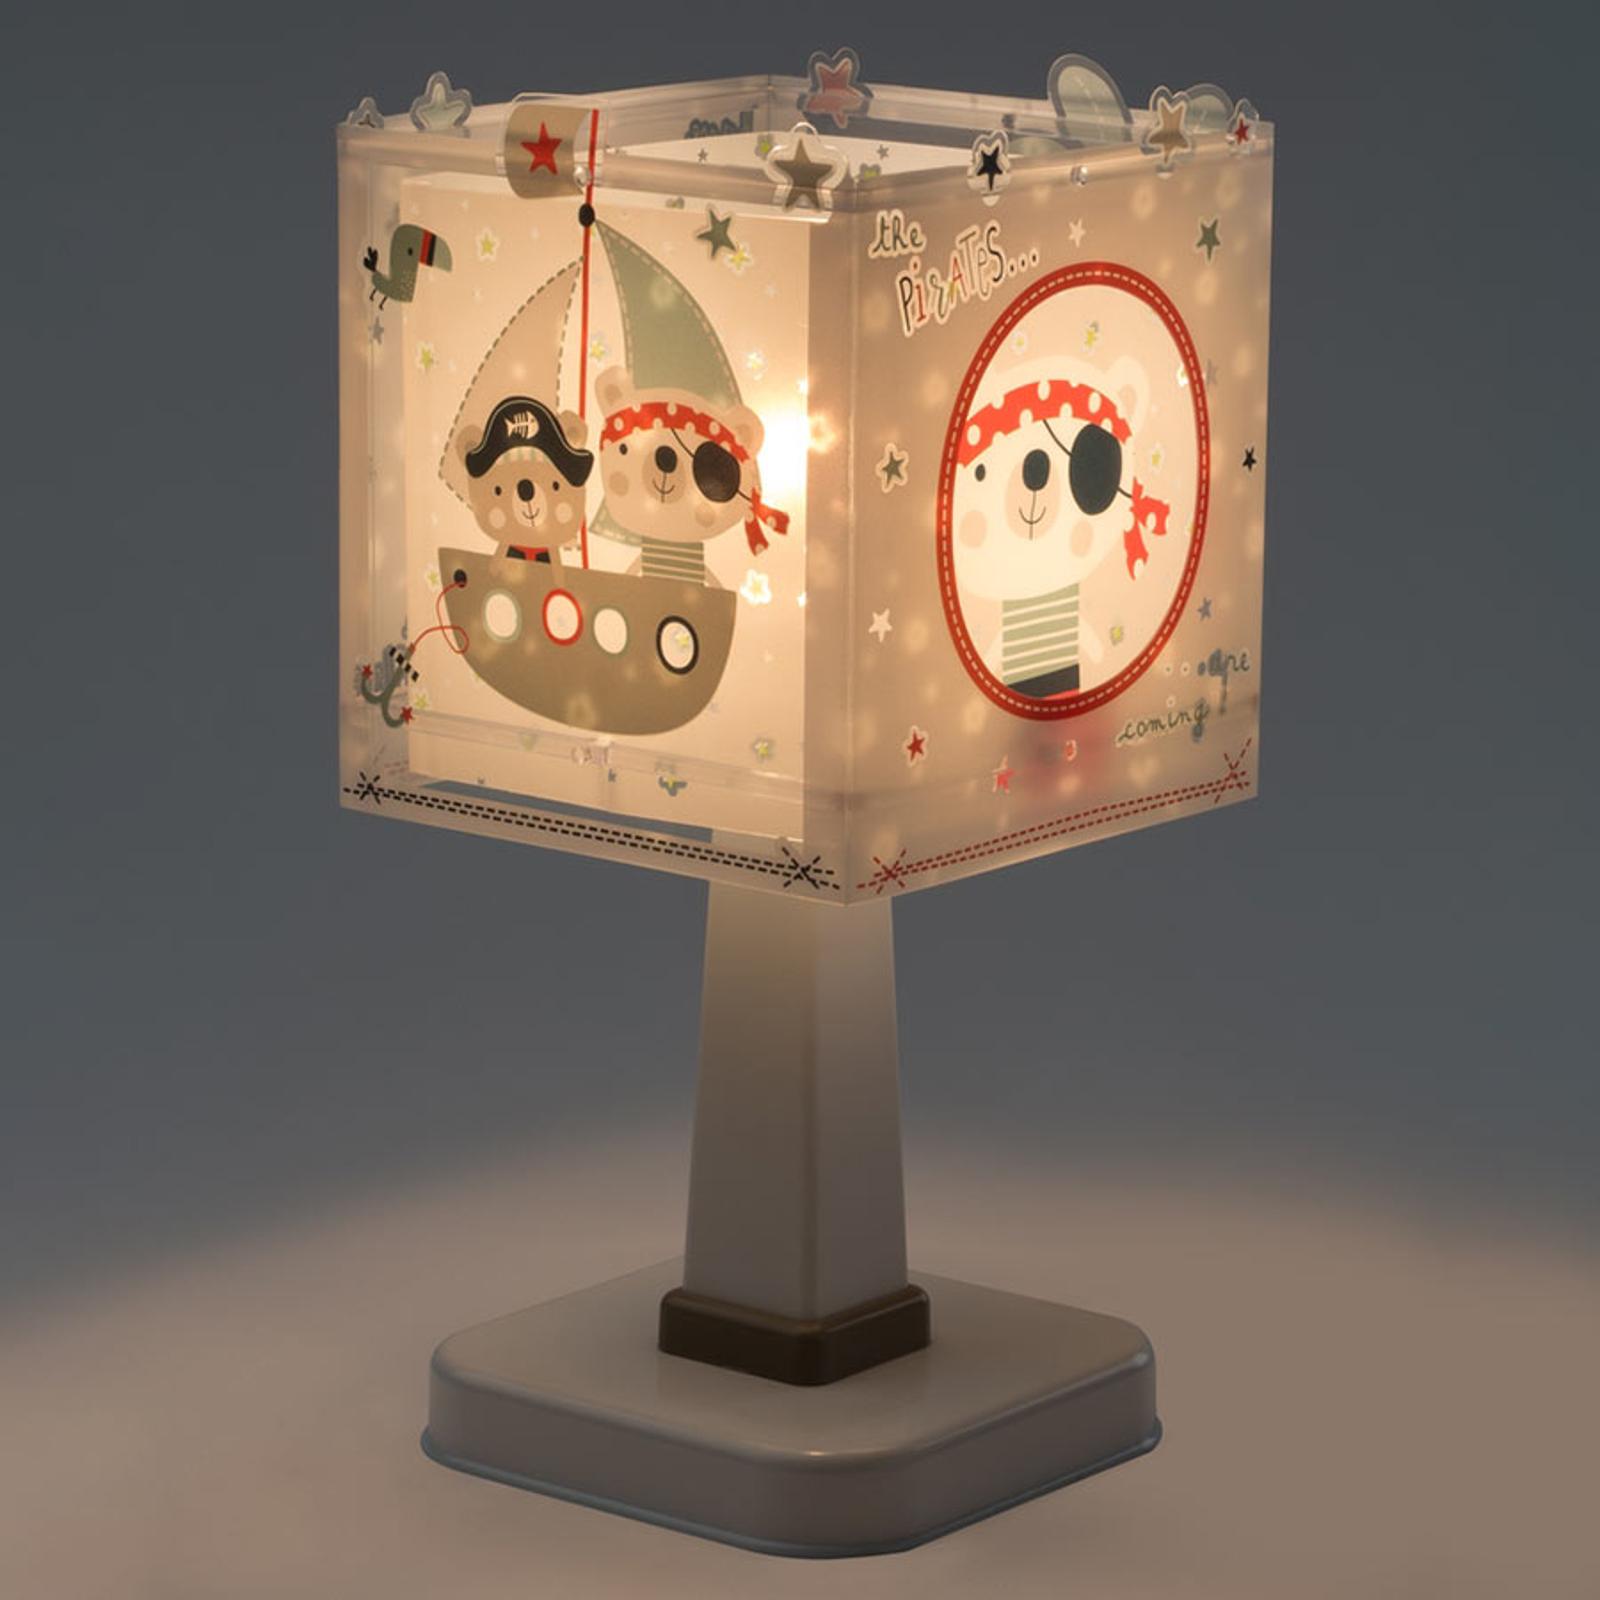 Pirates - hoekige kinderkamer tafellamp